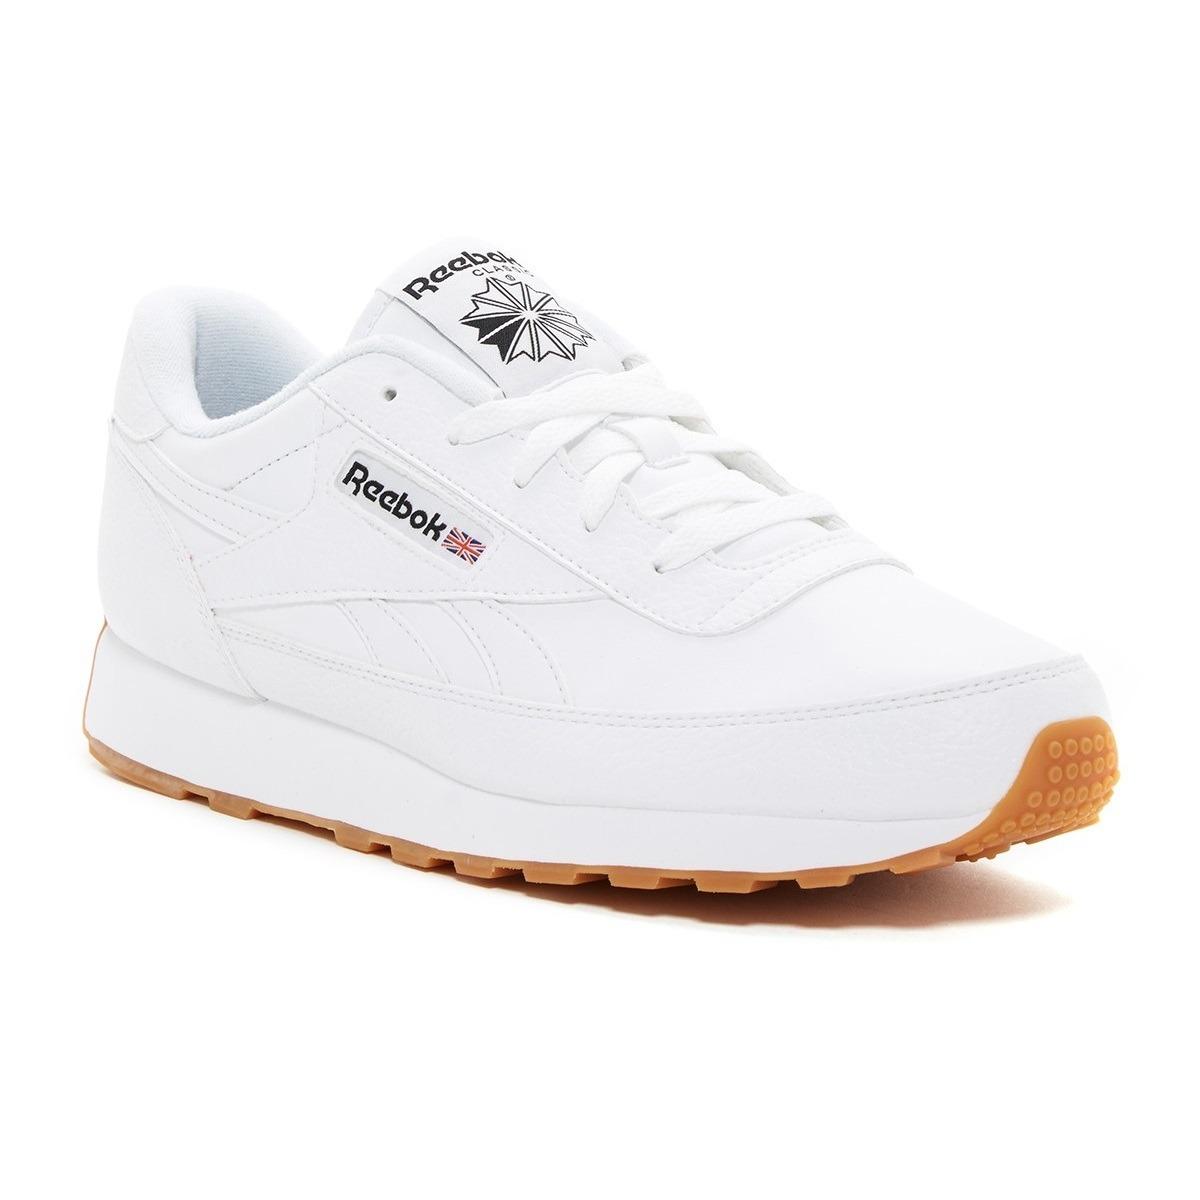 ae49f3ed504220 tenis calzado hombre reebok classic renaissance gum blancos. Cargando zoom.